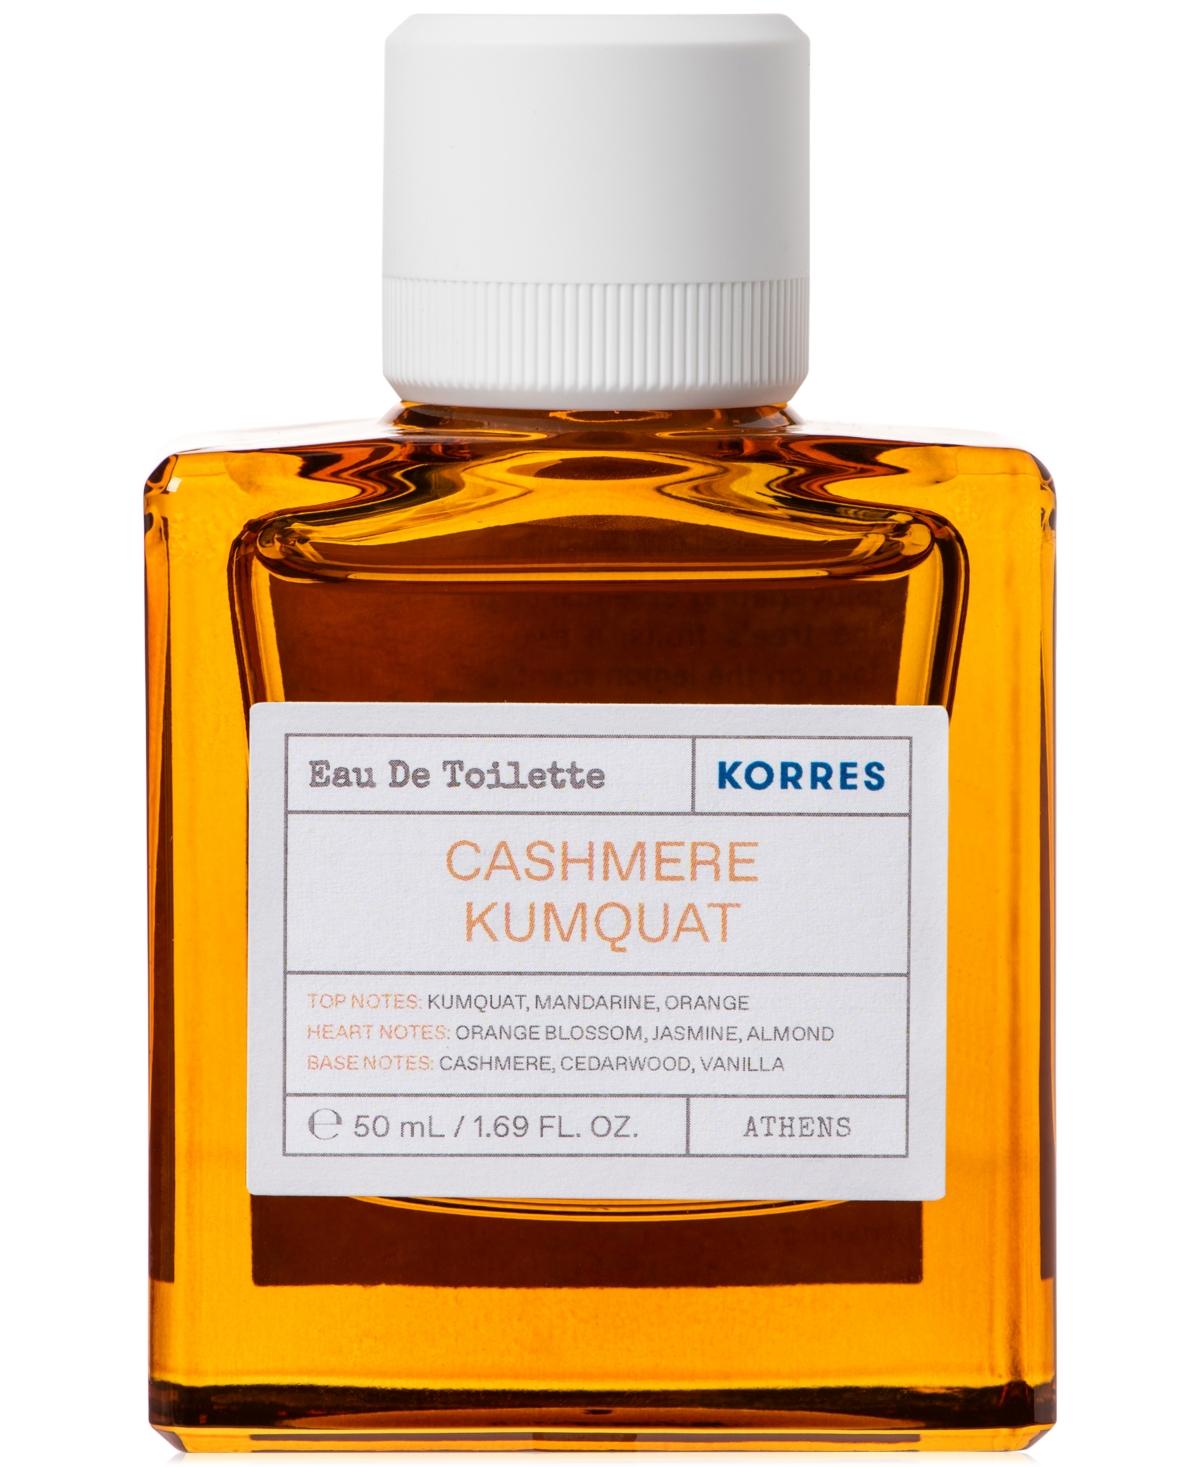 Korres Cashmere Kumquat Eau de Toilette, 1.69-oz.